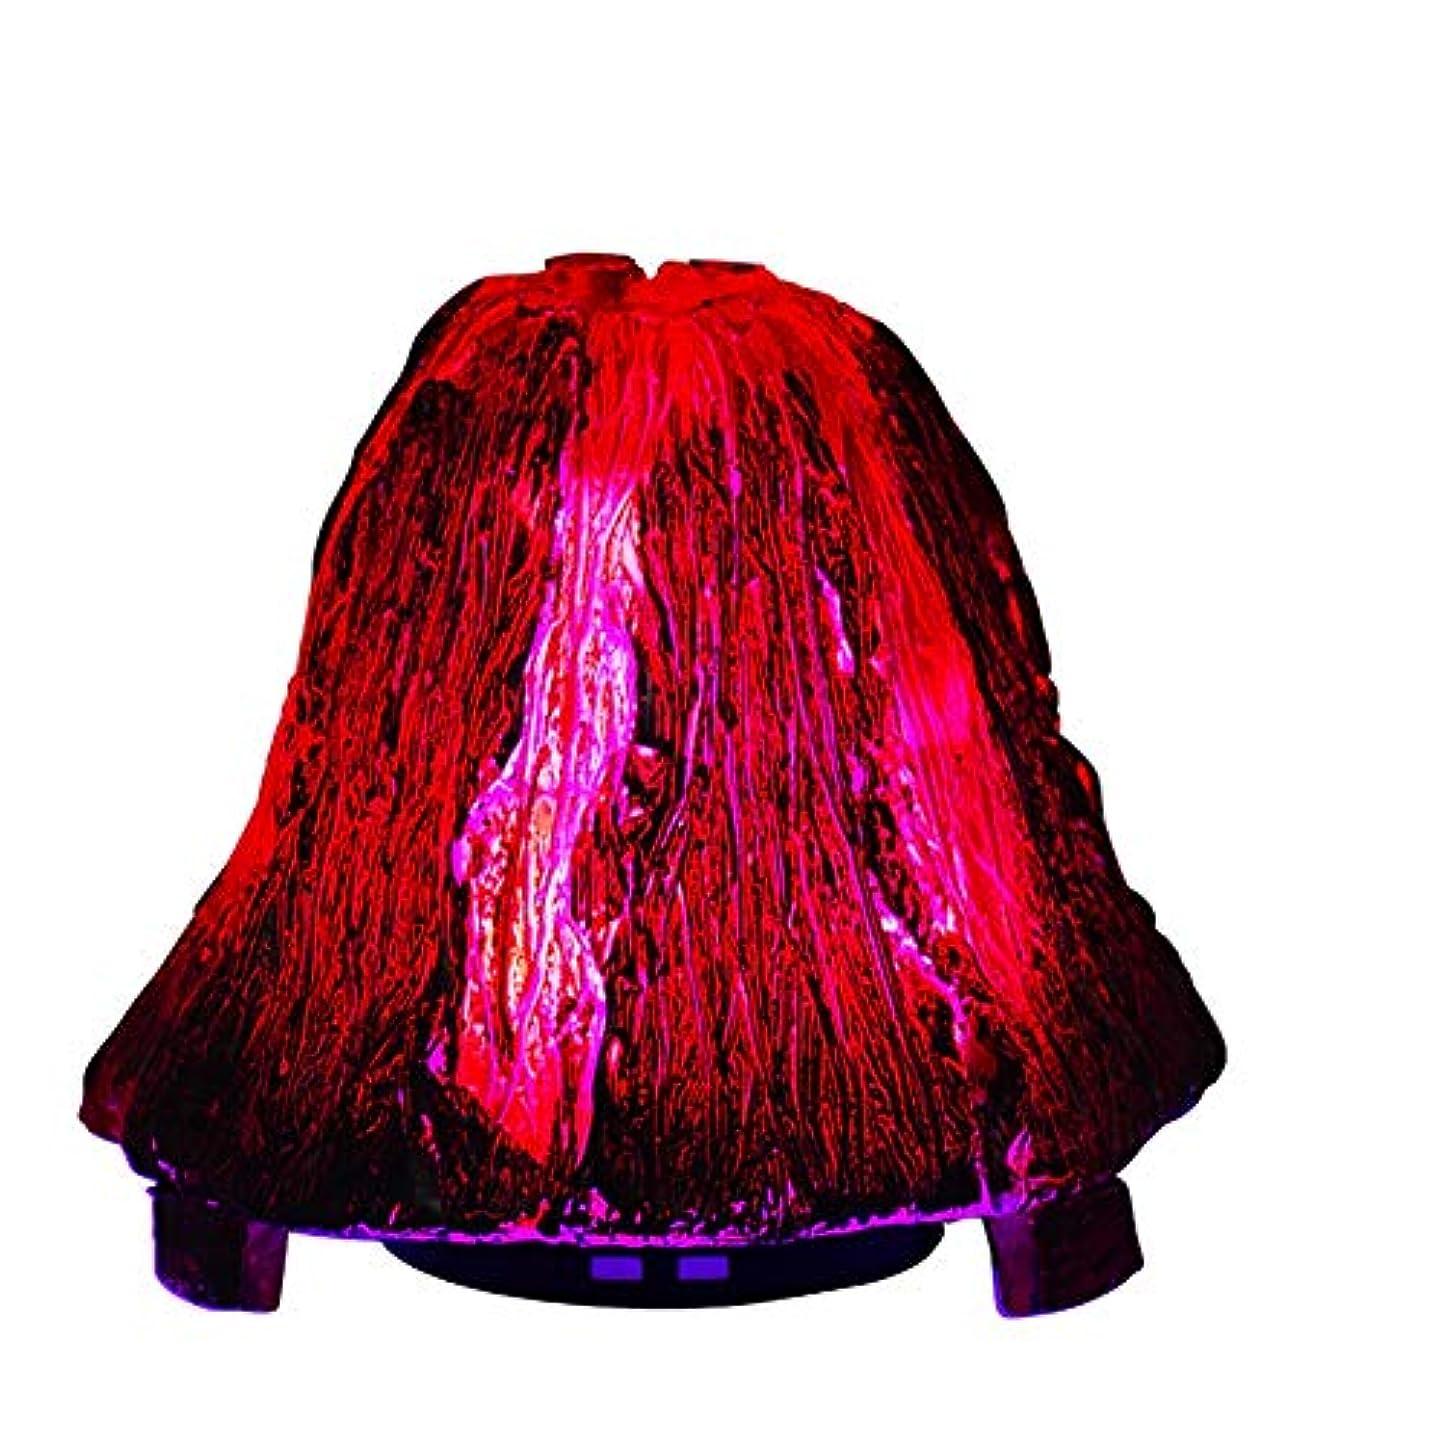 反乱正しくスタジオオリジナリティ火山のエッセンシャルオイルディフューザー、120mlアロマセラピー超音波クールミスト加湿器、7色LEDライト付きウォーターレスオートオフ